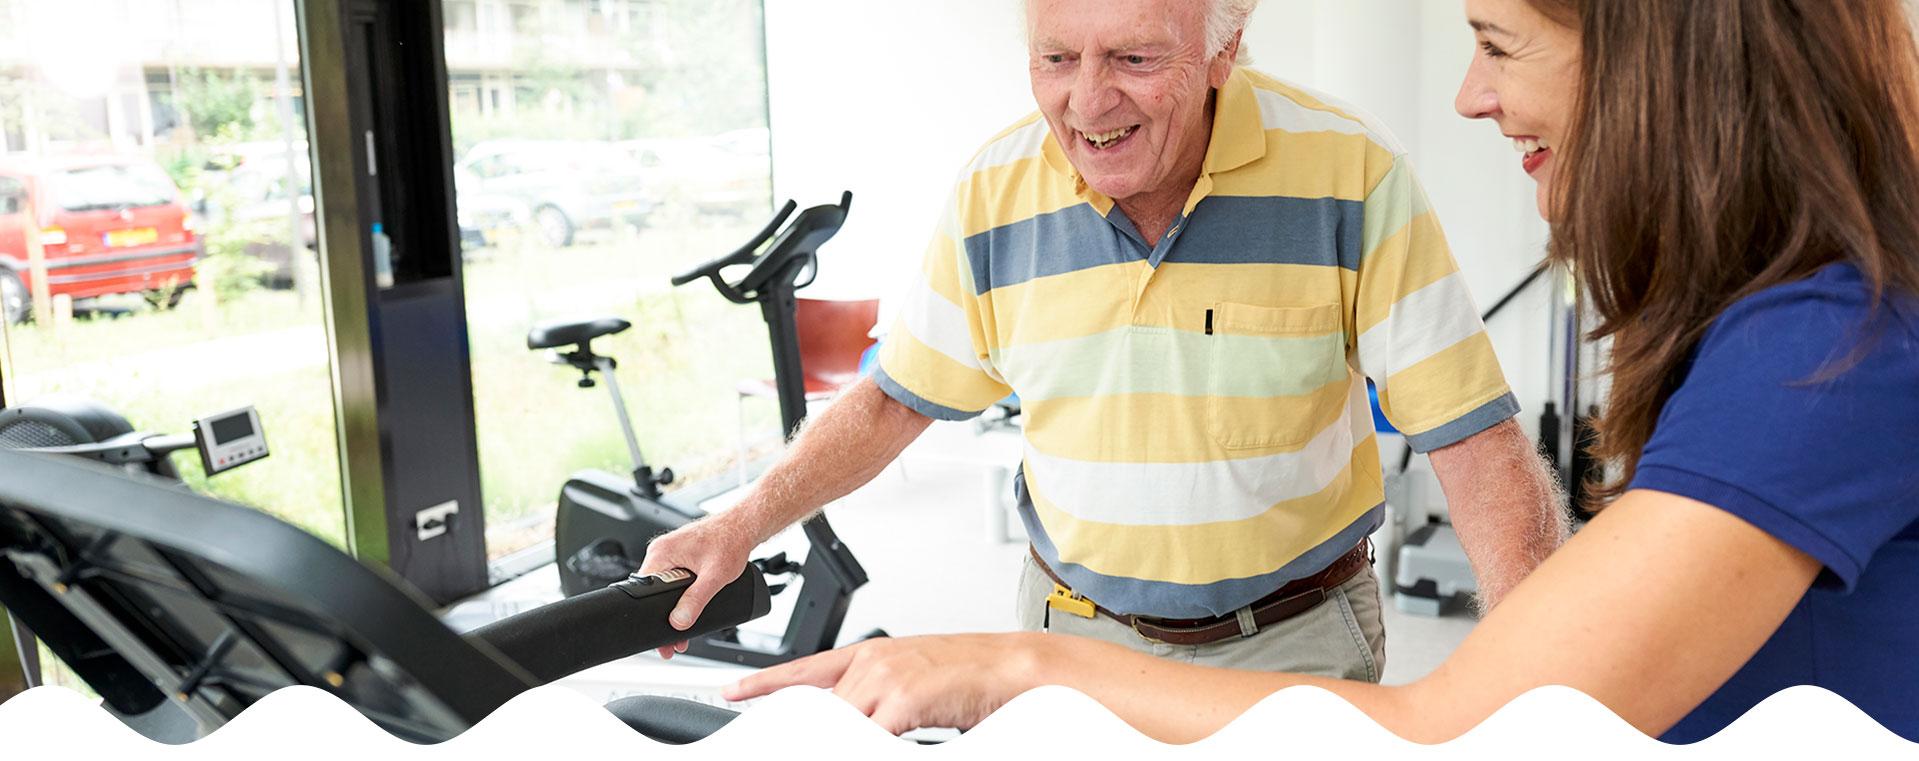 Oudere man op de loopband tijdens fysiotherapie | Fysio Stenia Zeist